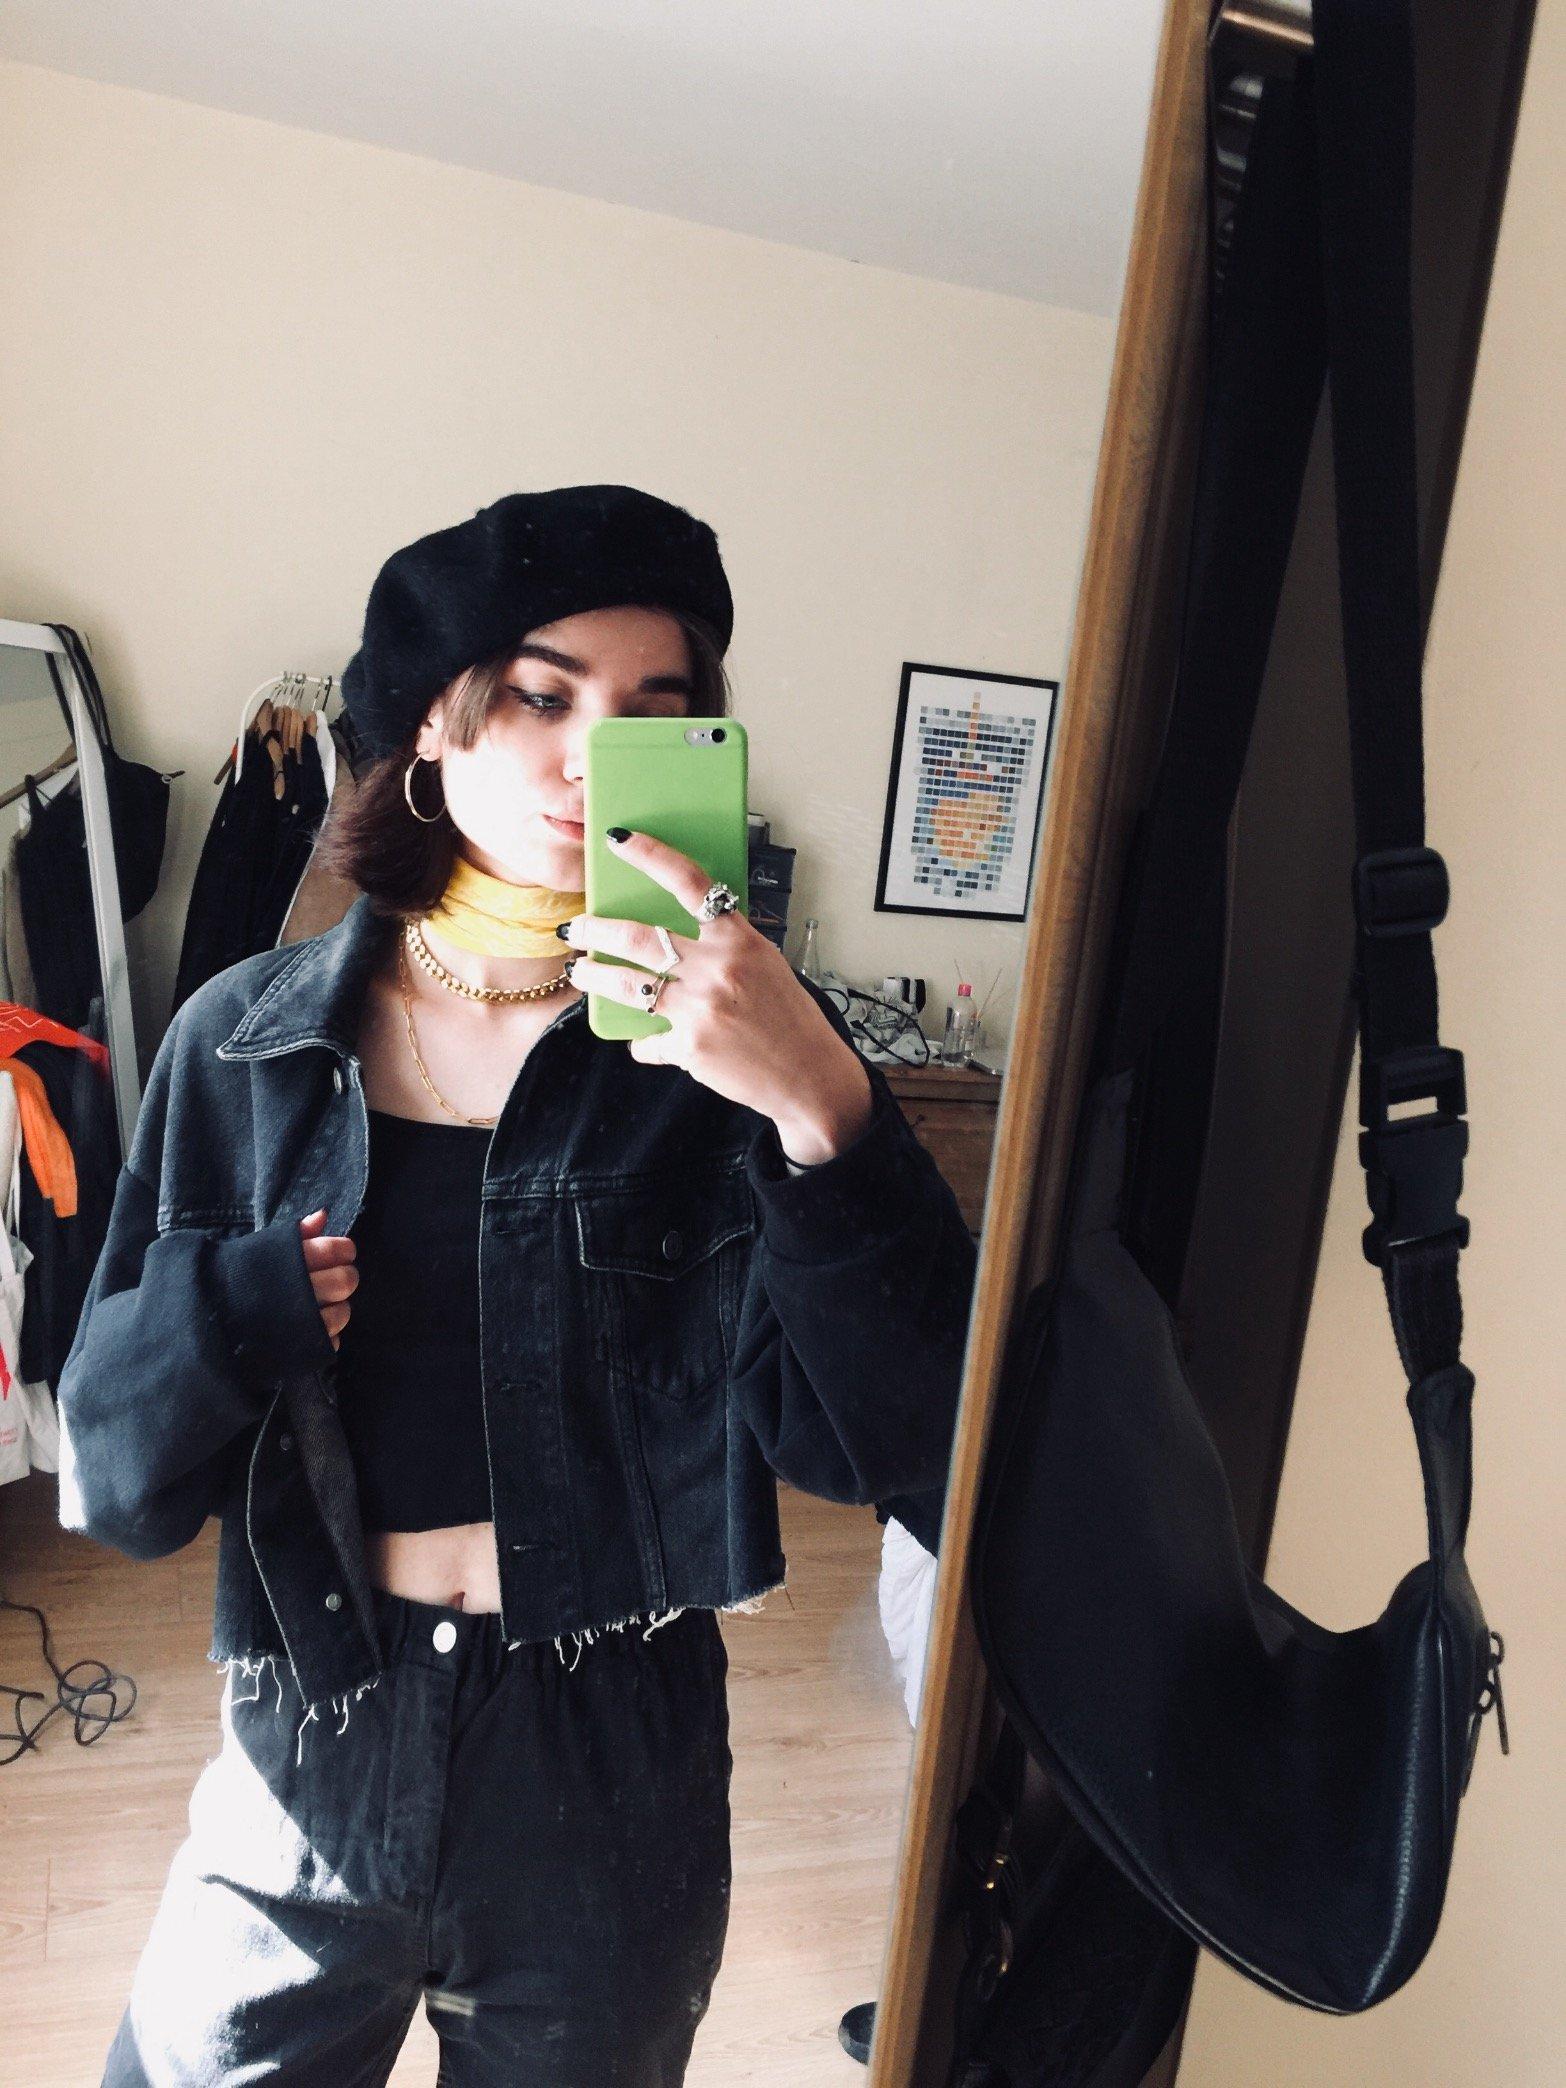 Mia Riley